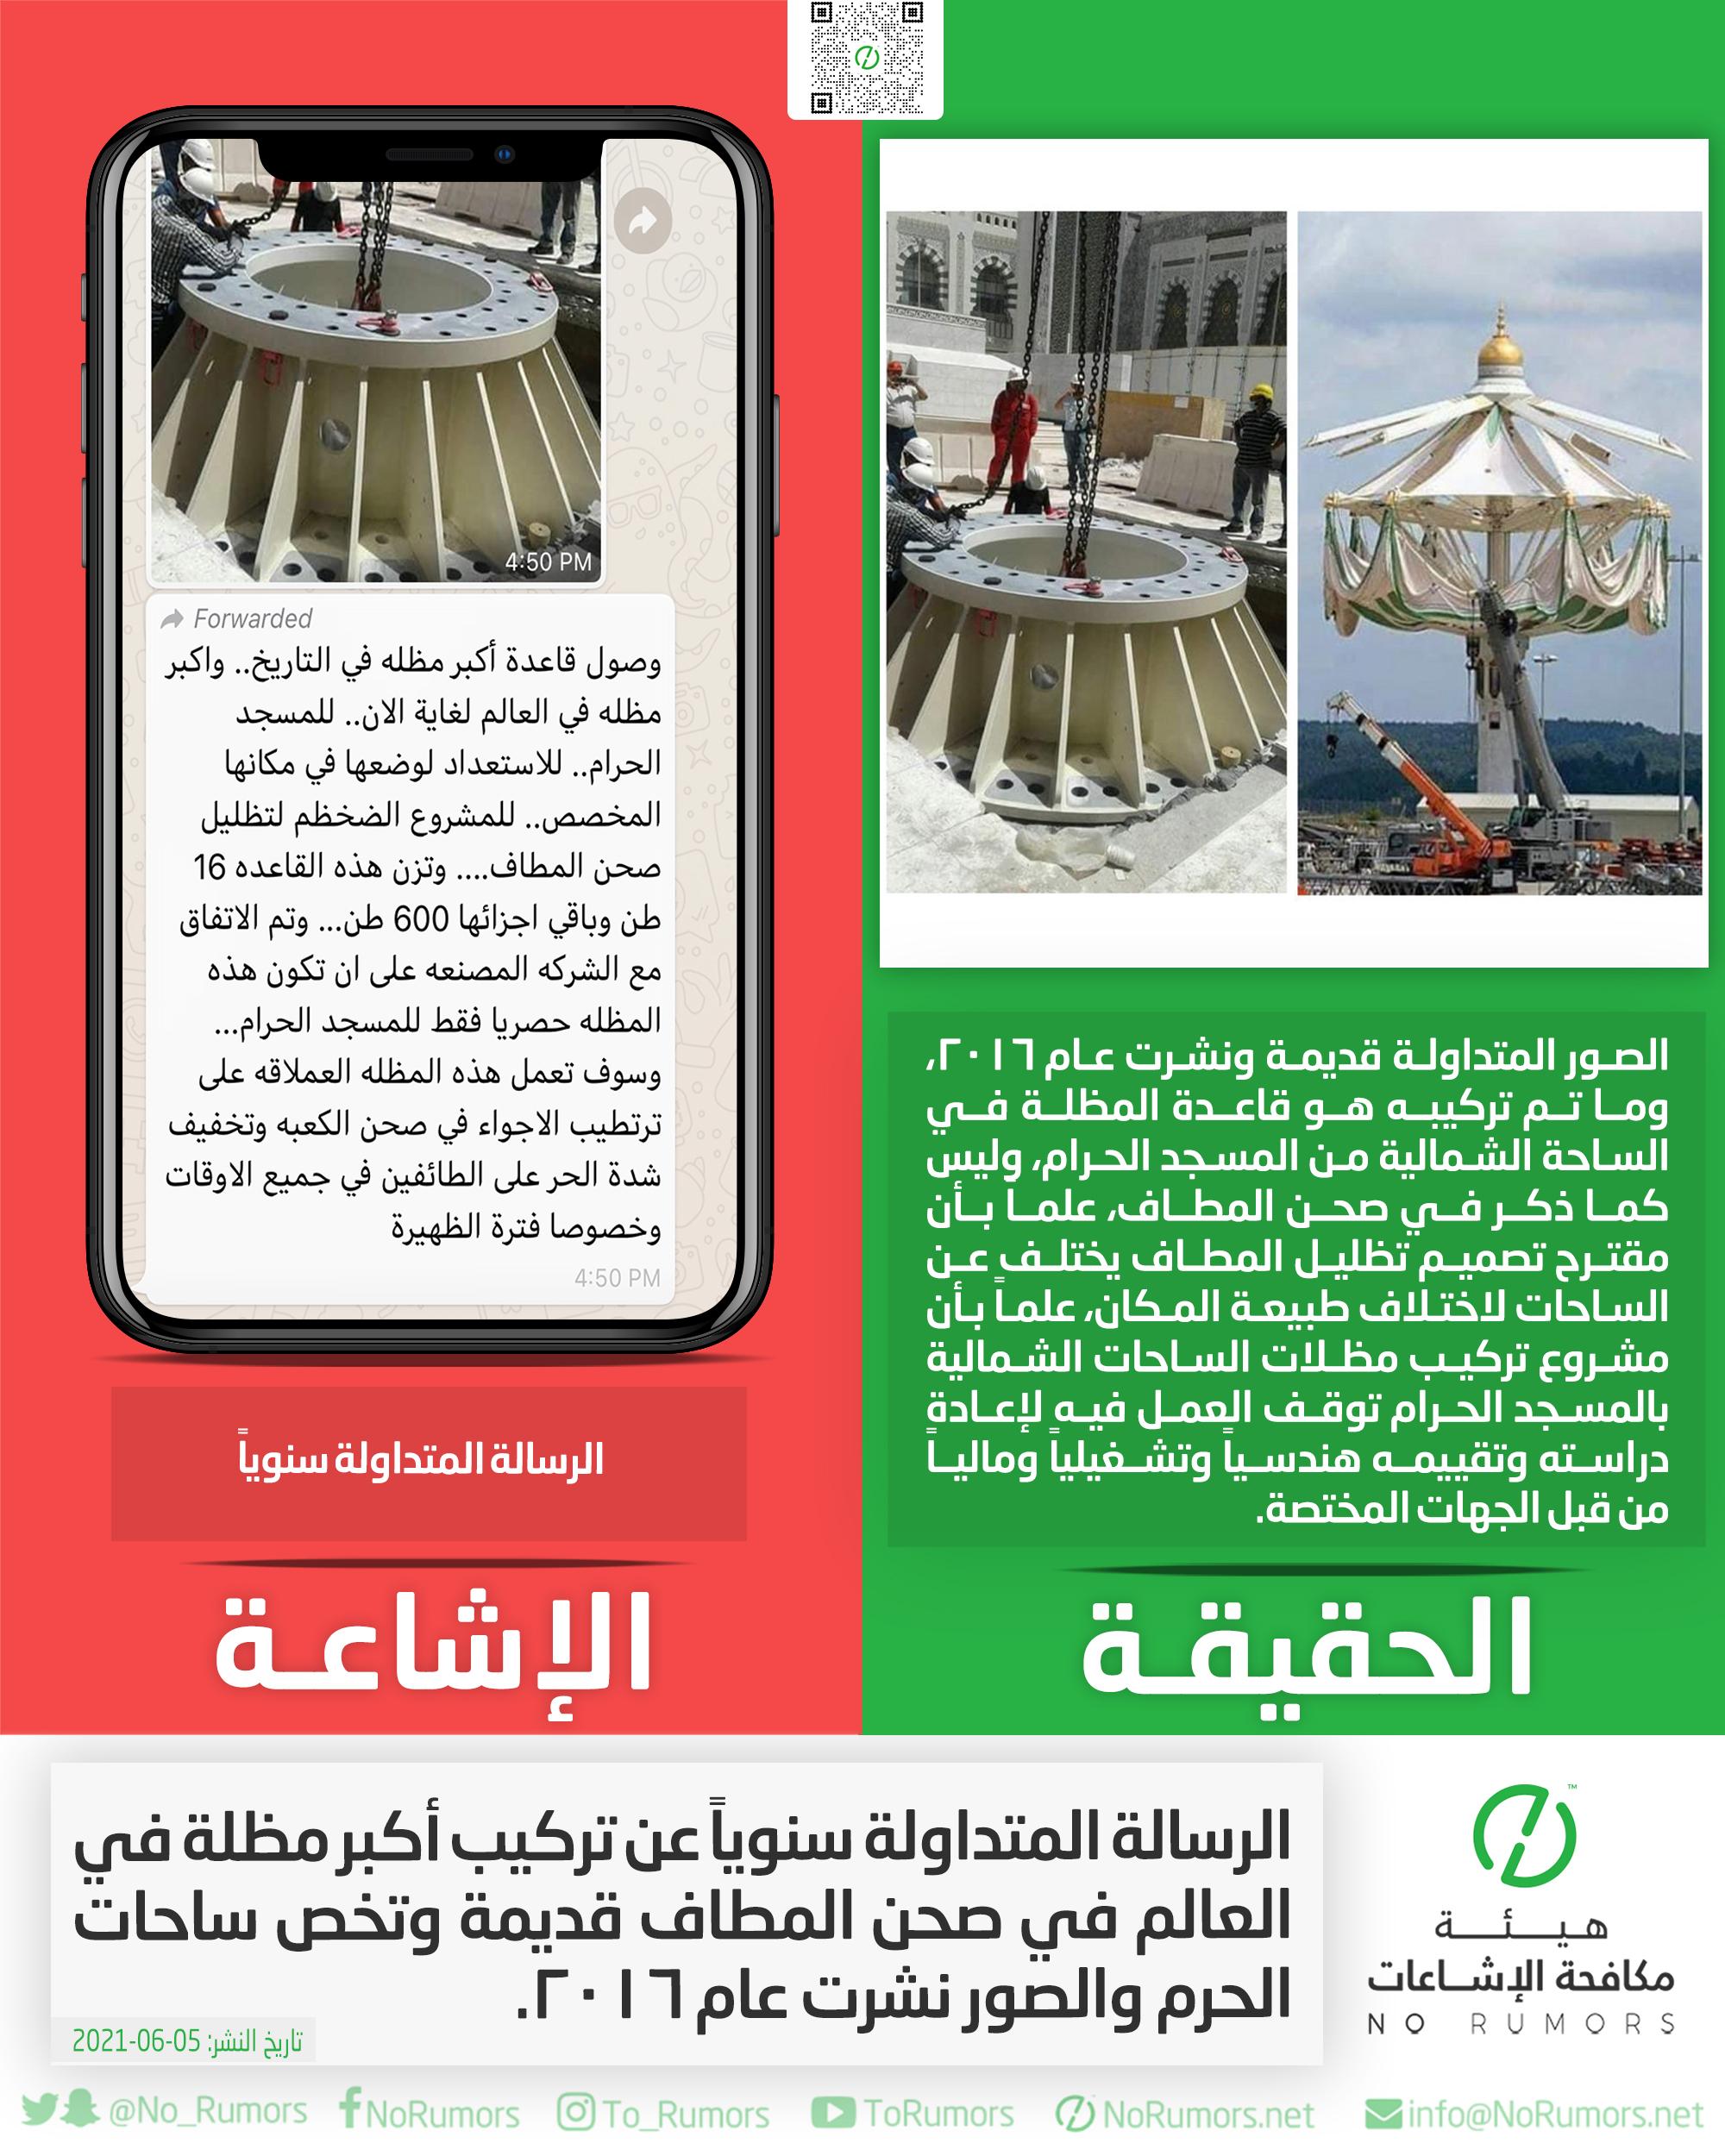 حقيقة الرسالة المتداولة سنوياً عن تركيب أكبر مظلة في العالم في صحن المطاف